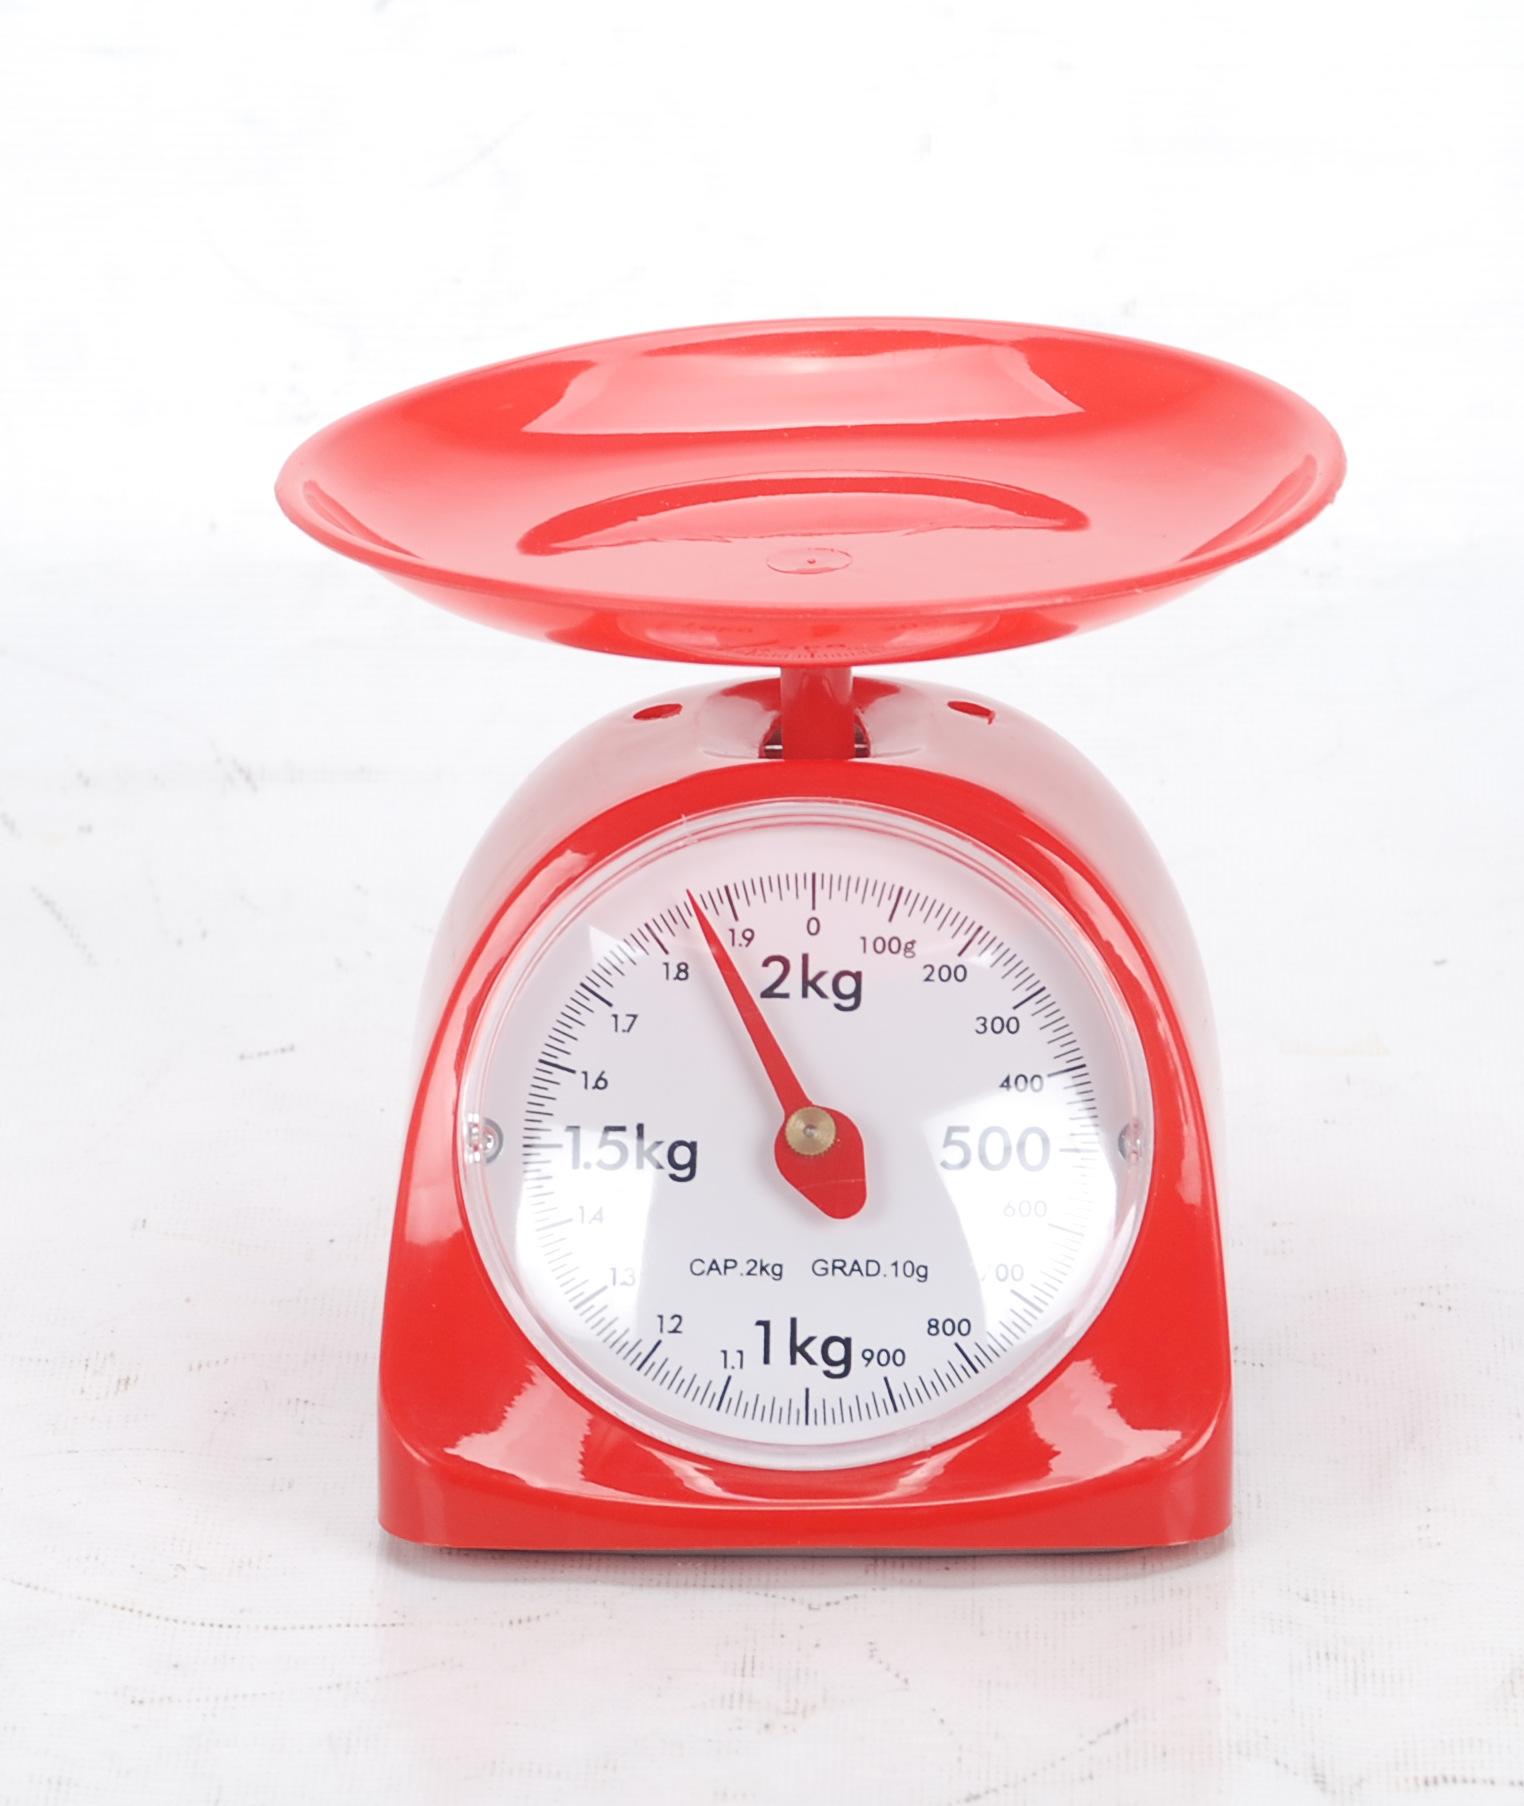 NOPS Thị trường dụng cụ Cân bếp cơ điện tử Nhỏ và thực tế Quy mô 5kg đẹp